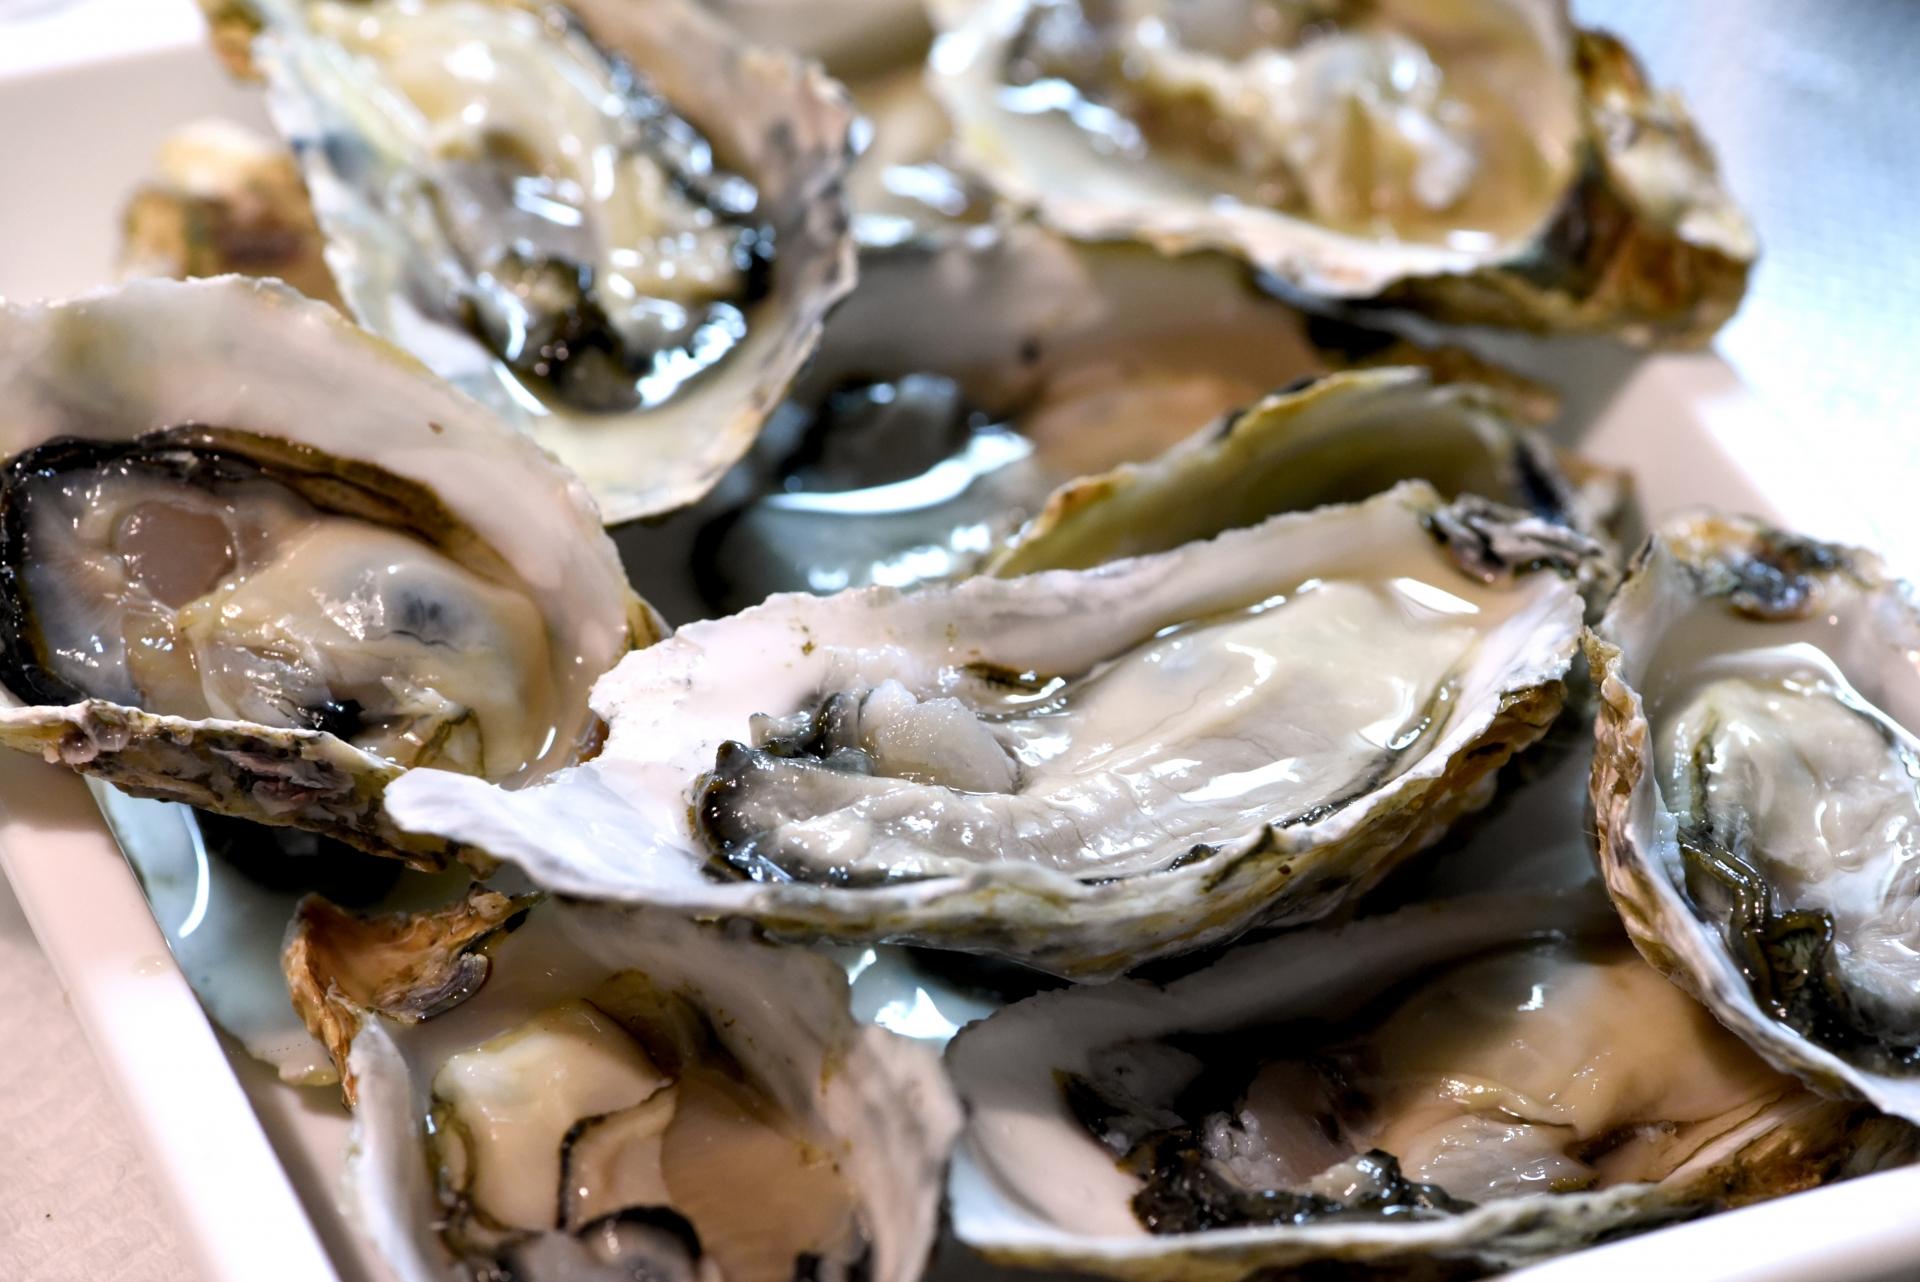 岡山の牡蠣が美味しい!直売や食べ放題のほかおすすめの時期も紹介!